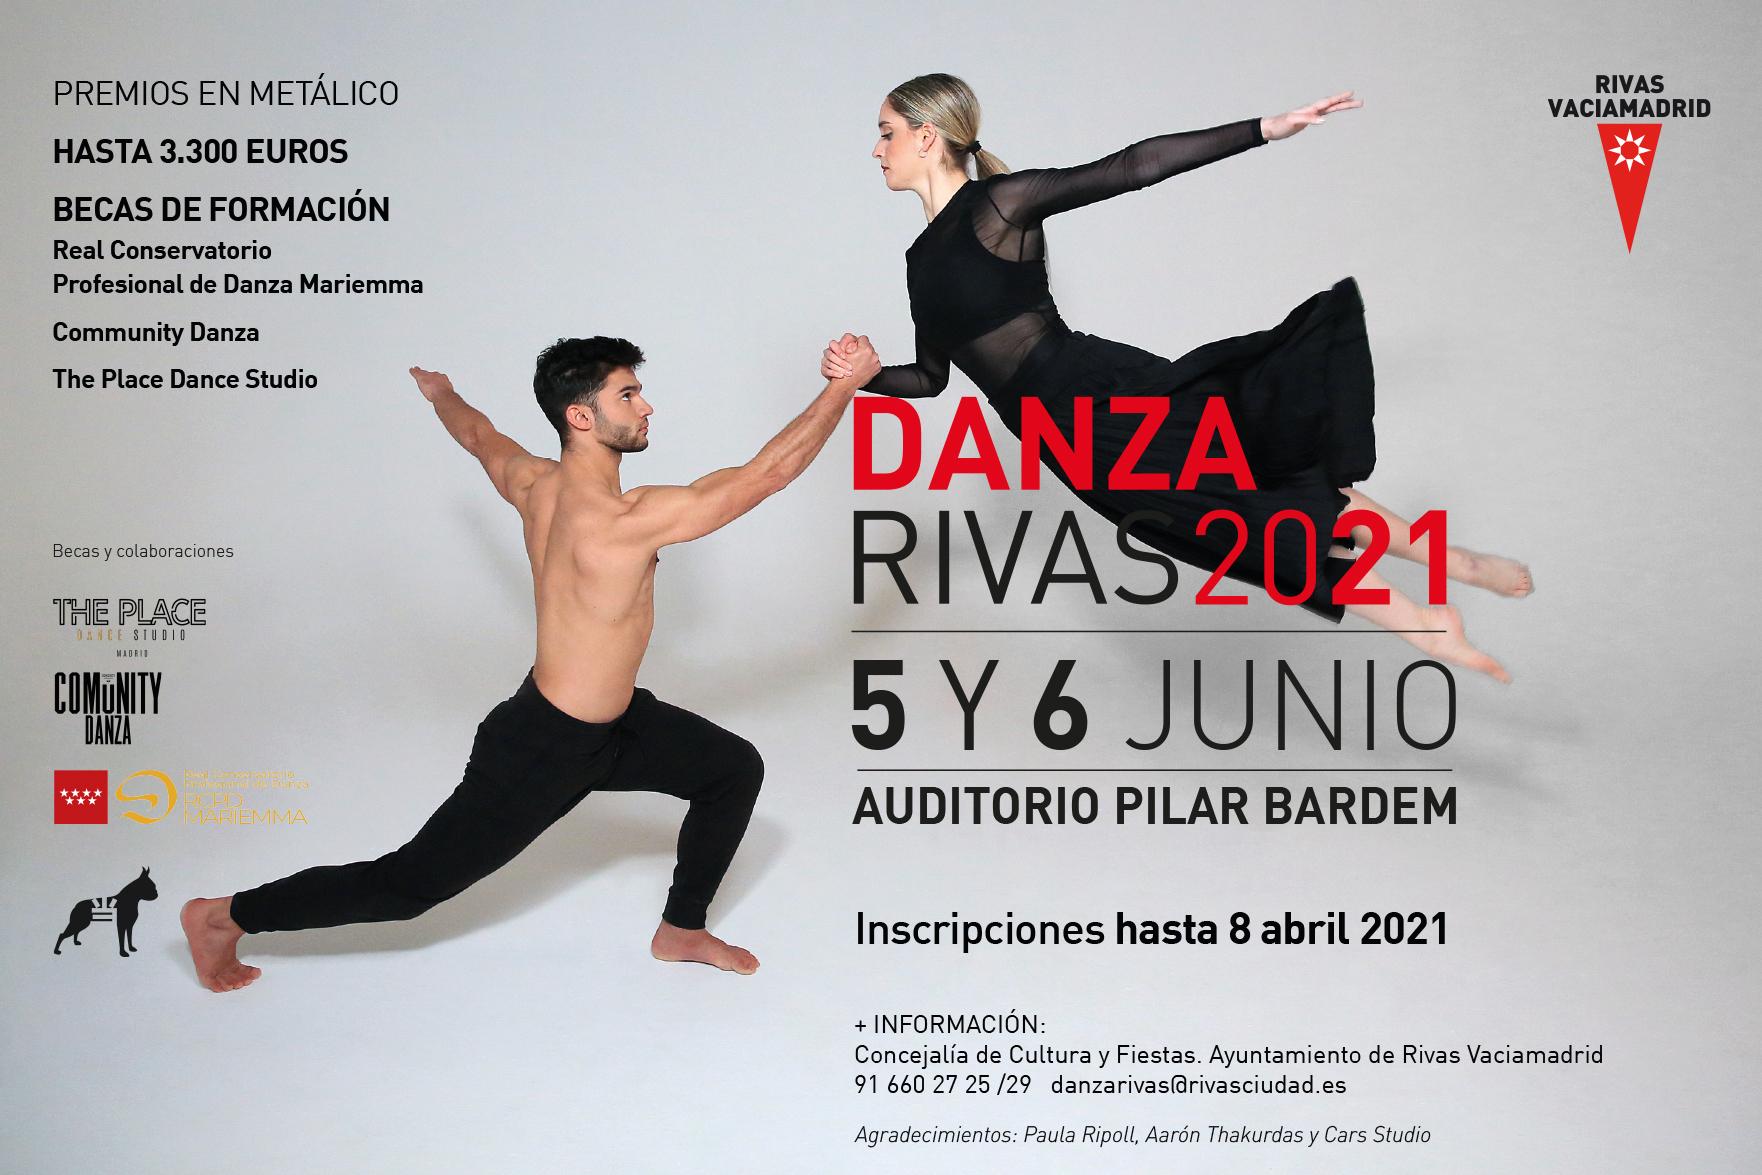 Danza Rivas